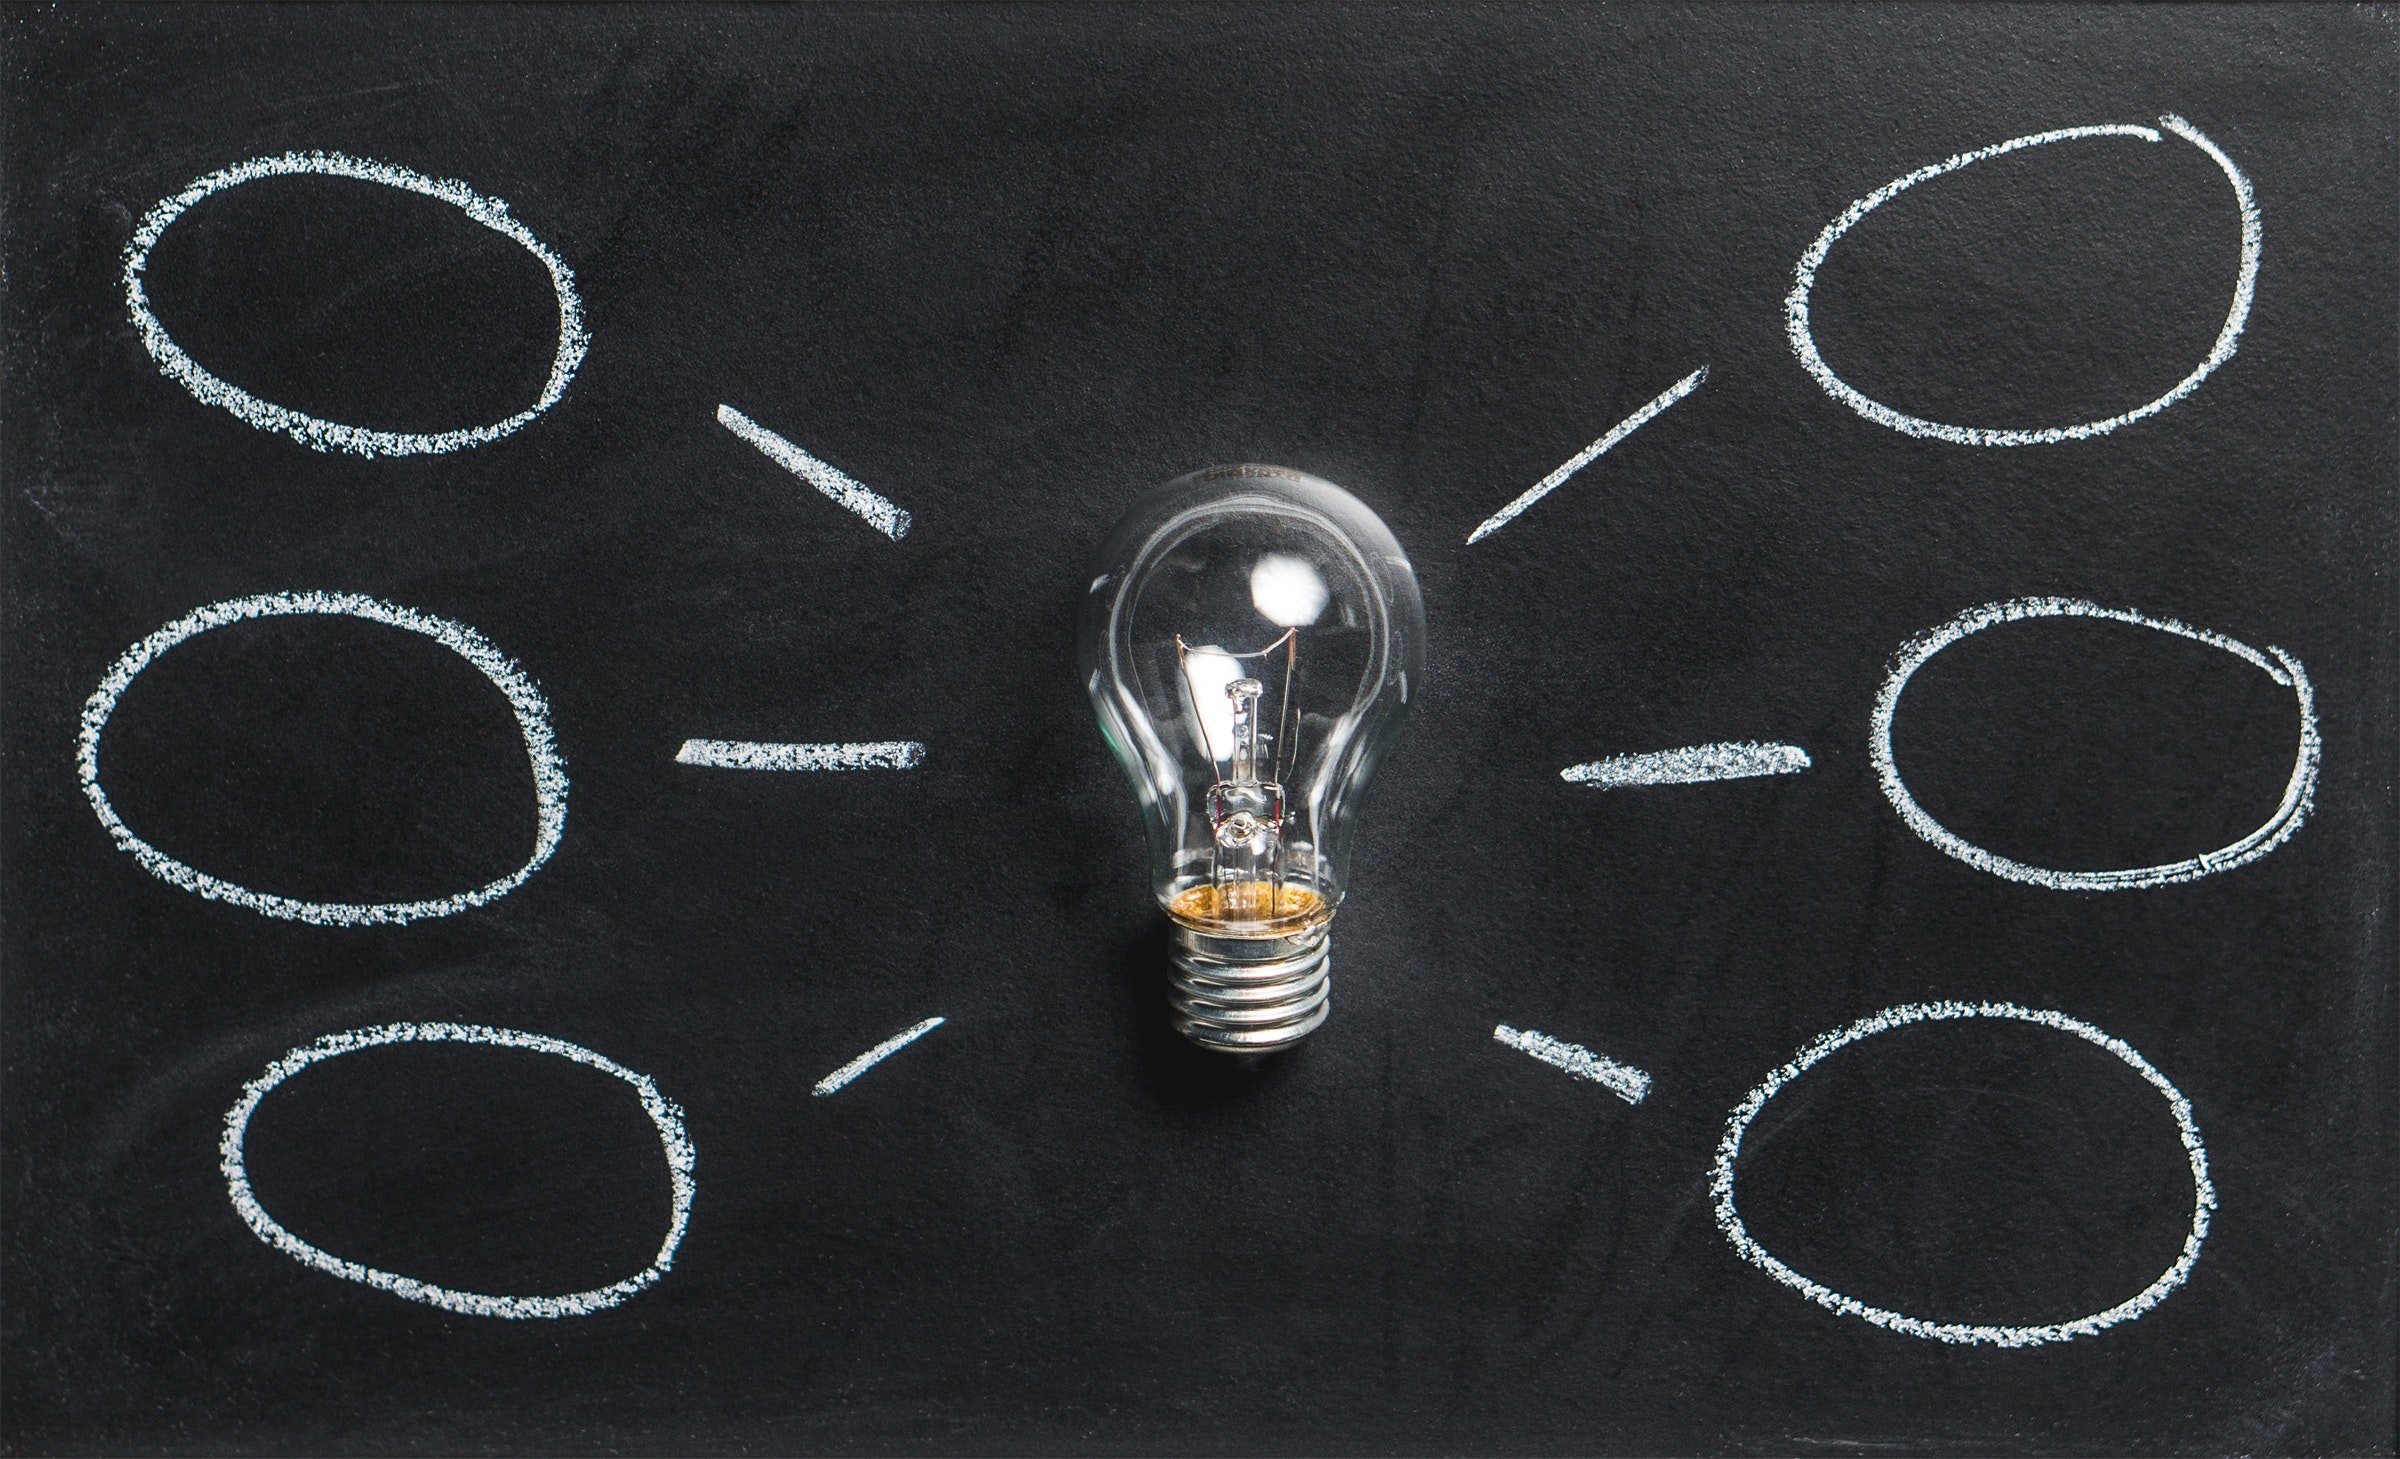 netværk - Vi hjælper adm. direktører og ledere med at eksekvere på forretningens behov gennem et engageret netværk